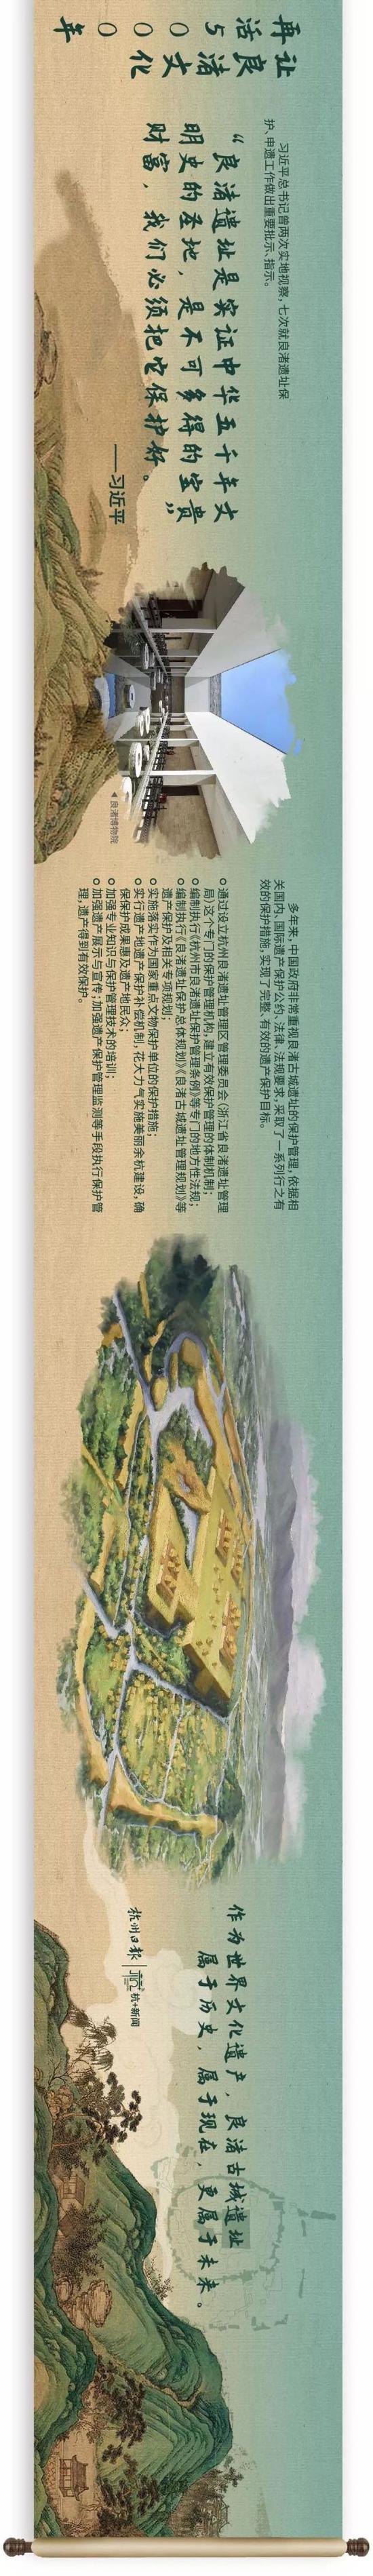 文稿|徐墉 摄影|法鑫